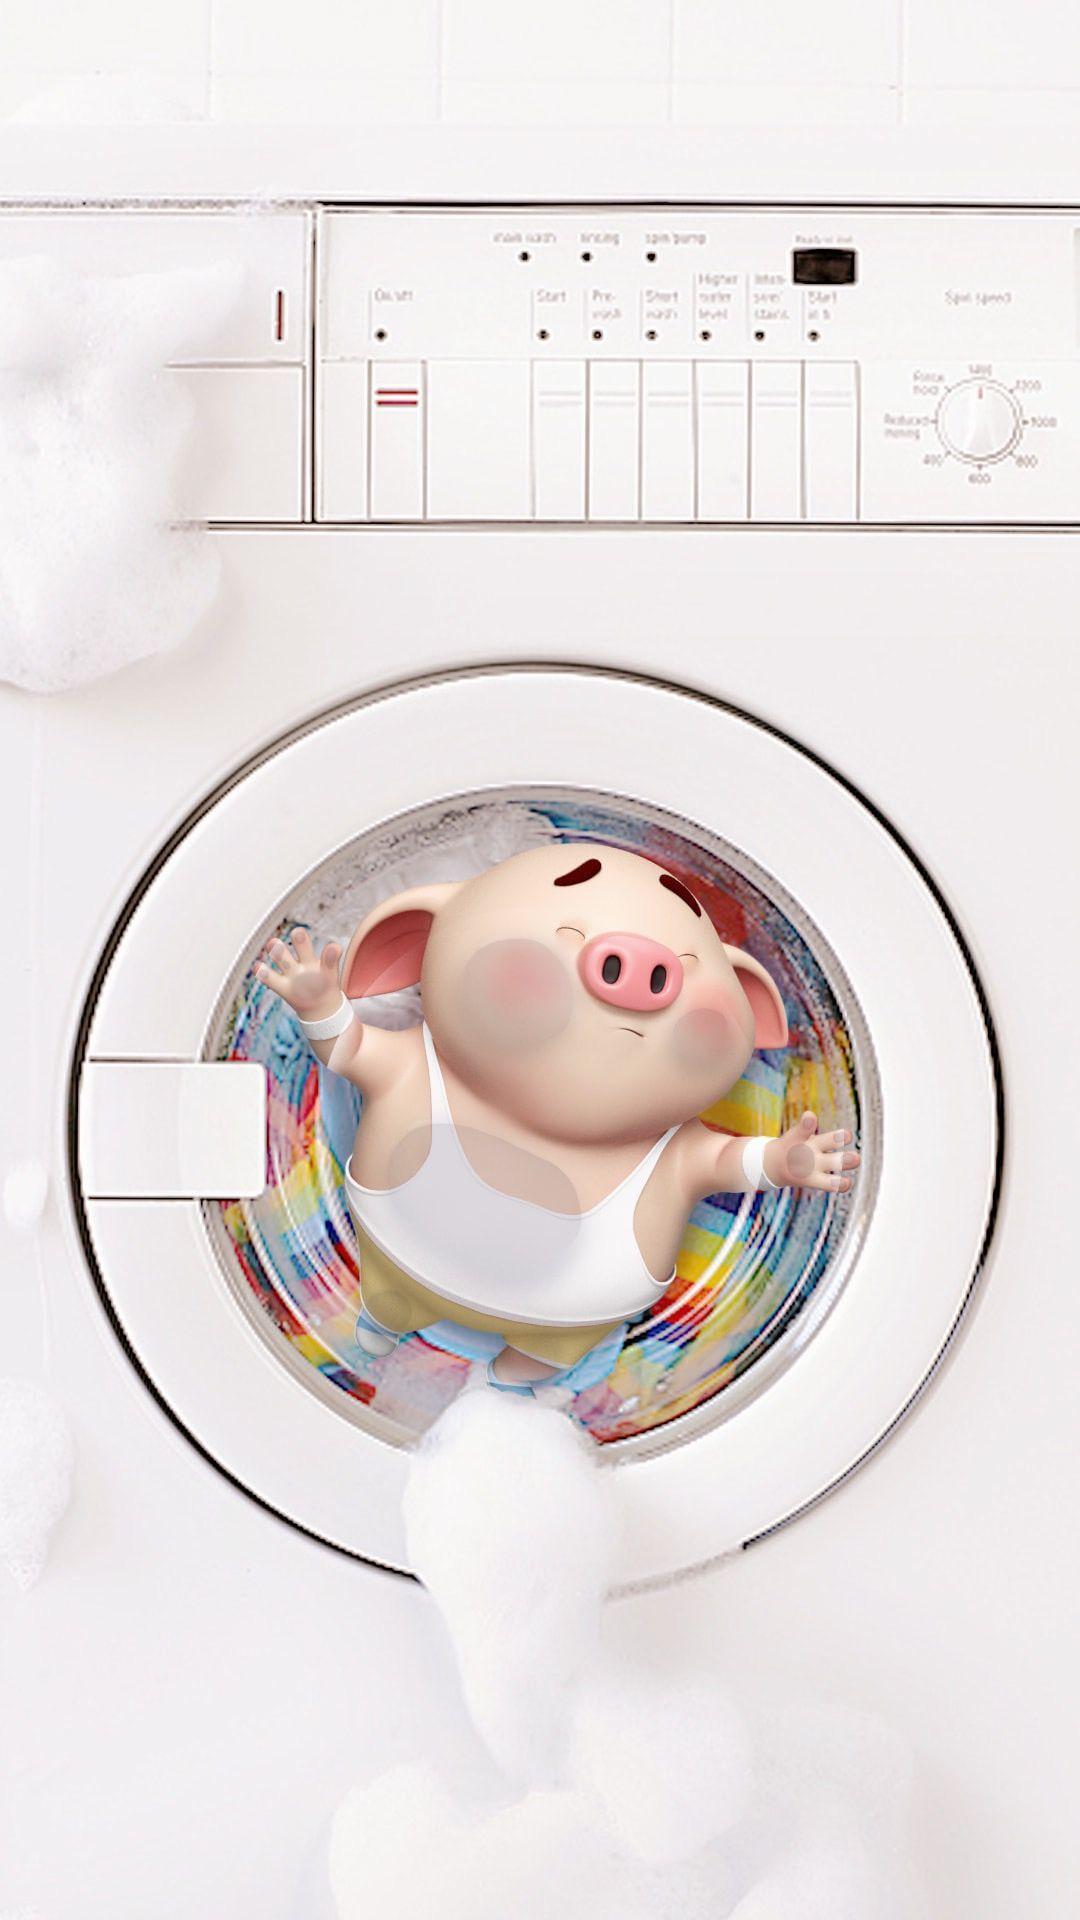 Limpieza De Pornopinterest | Arte Del Cerdo, Lechones, Cute Cerditos F5B